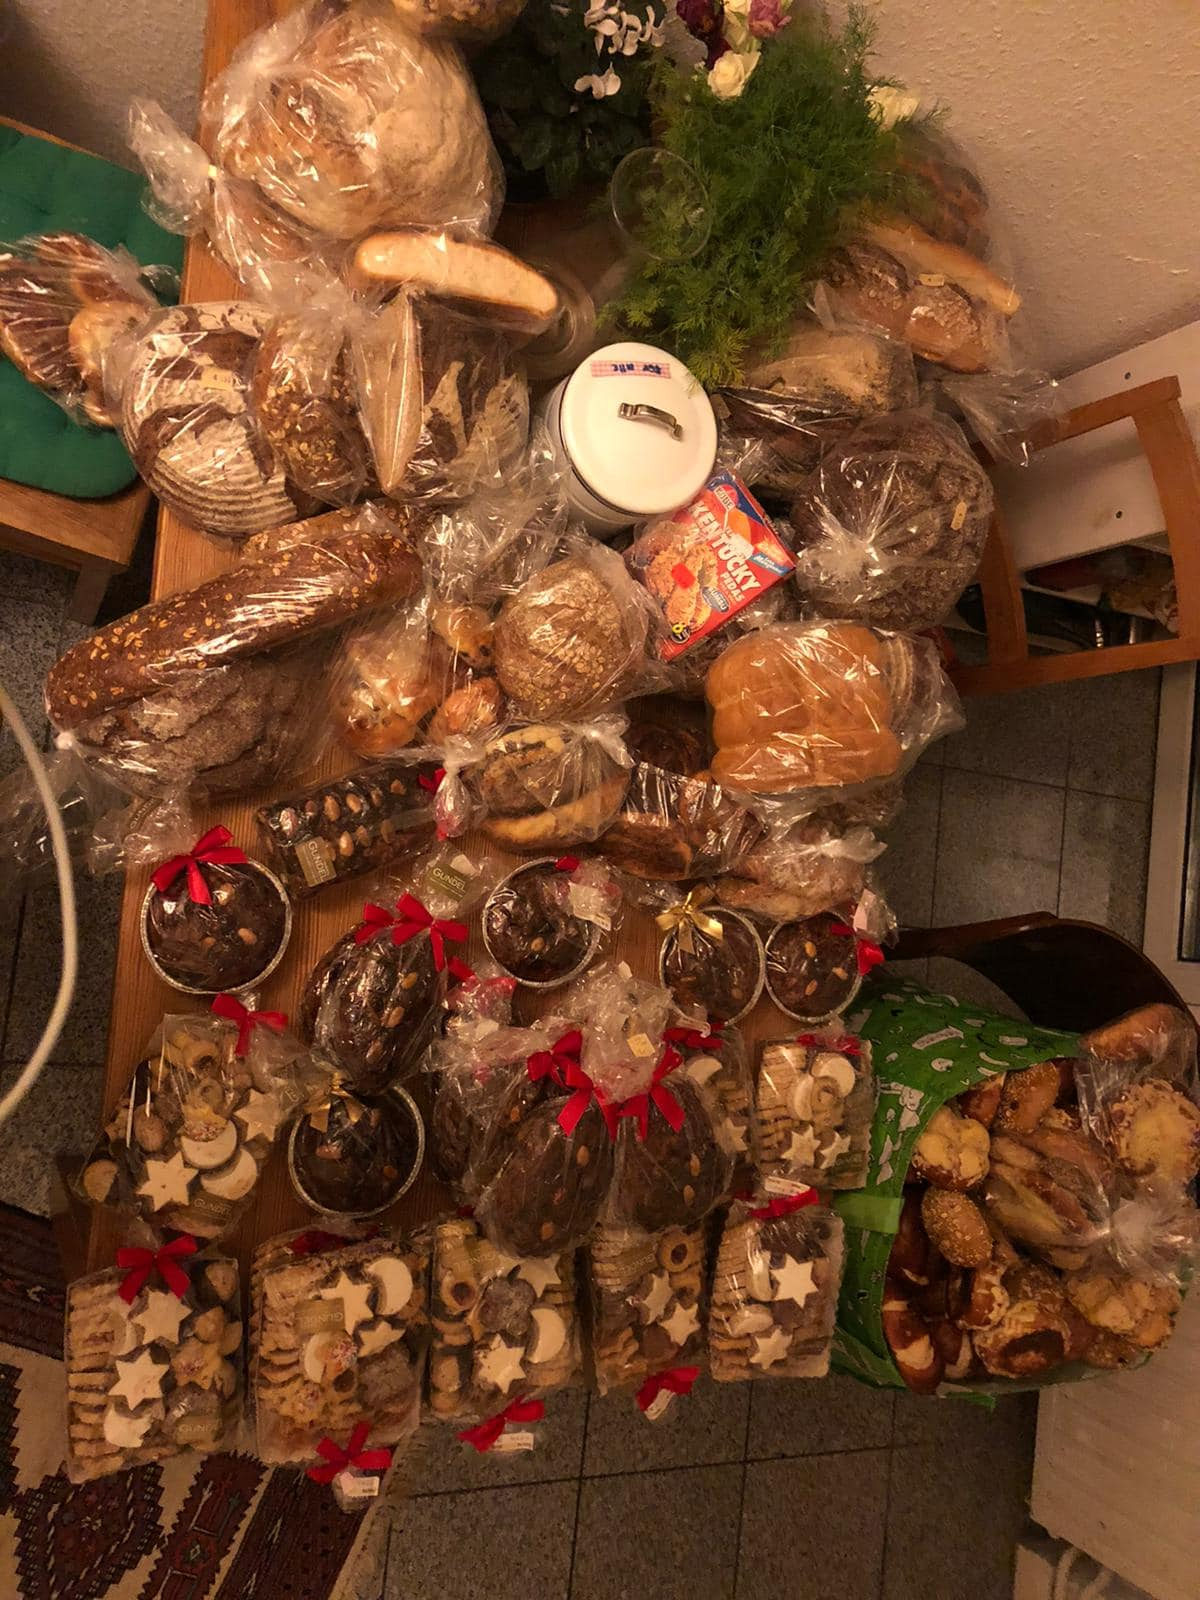 Viele Brot und Backwaren liegen verteilt auf einem Tisch.